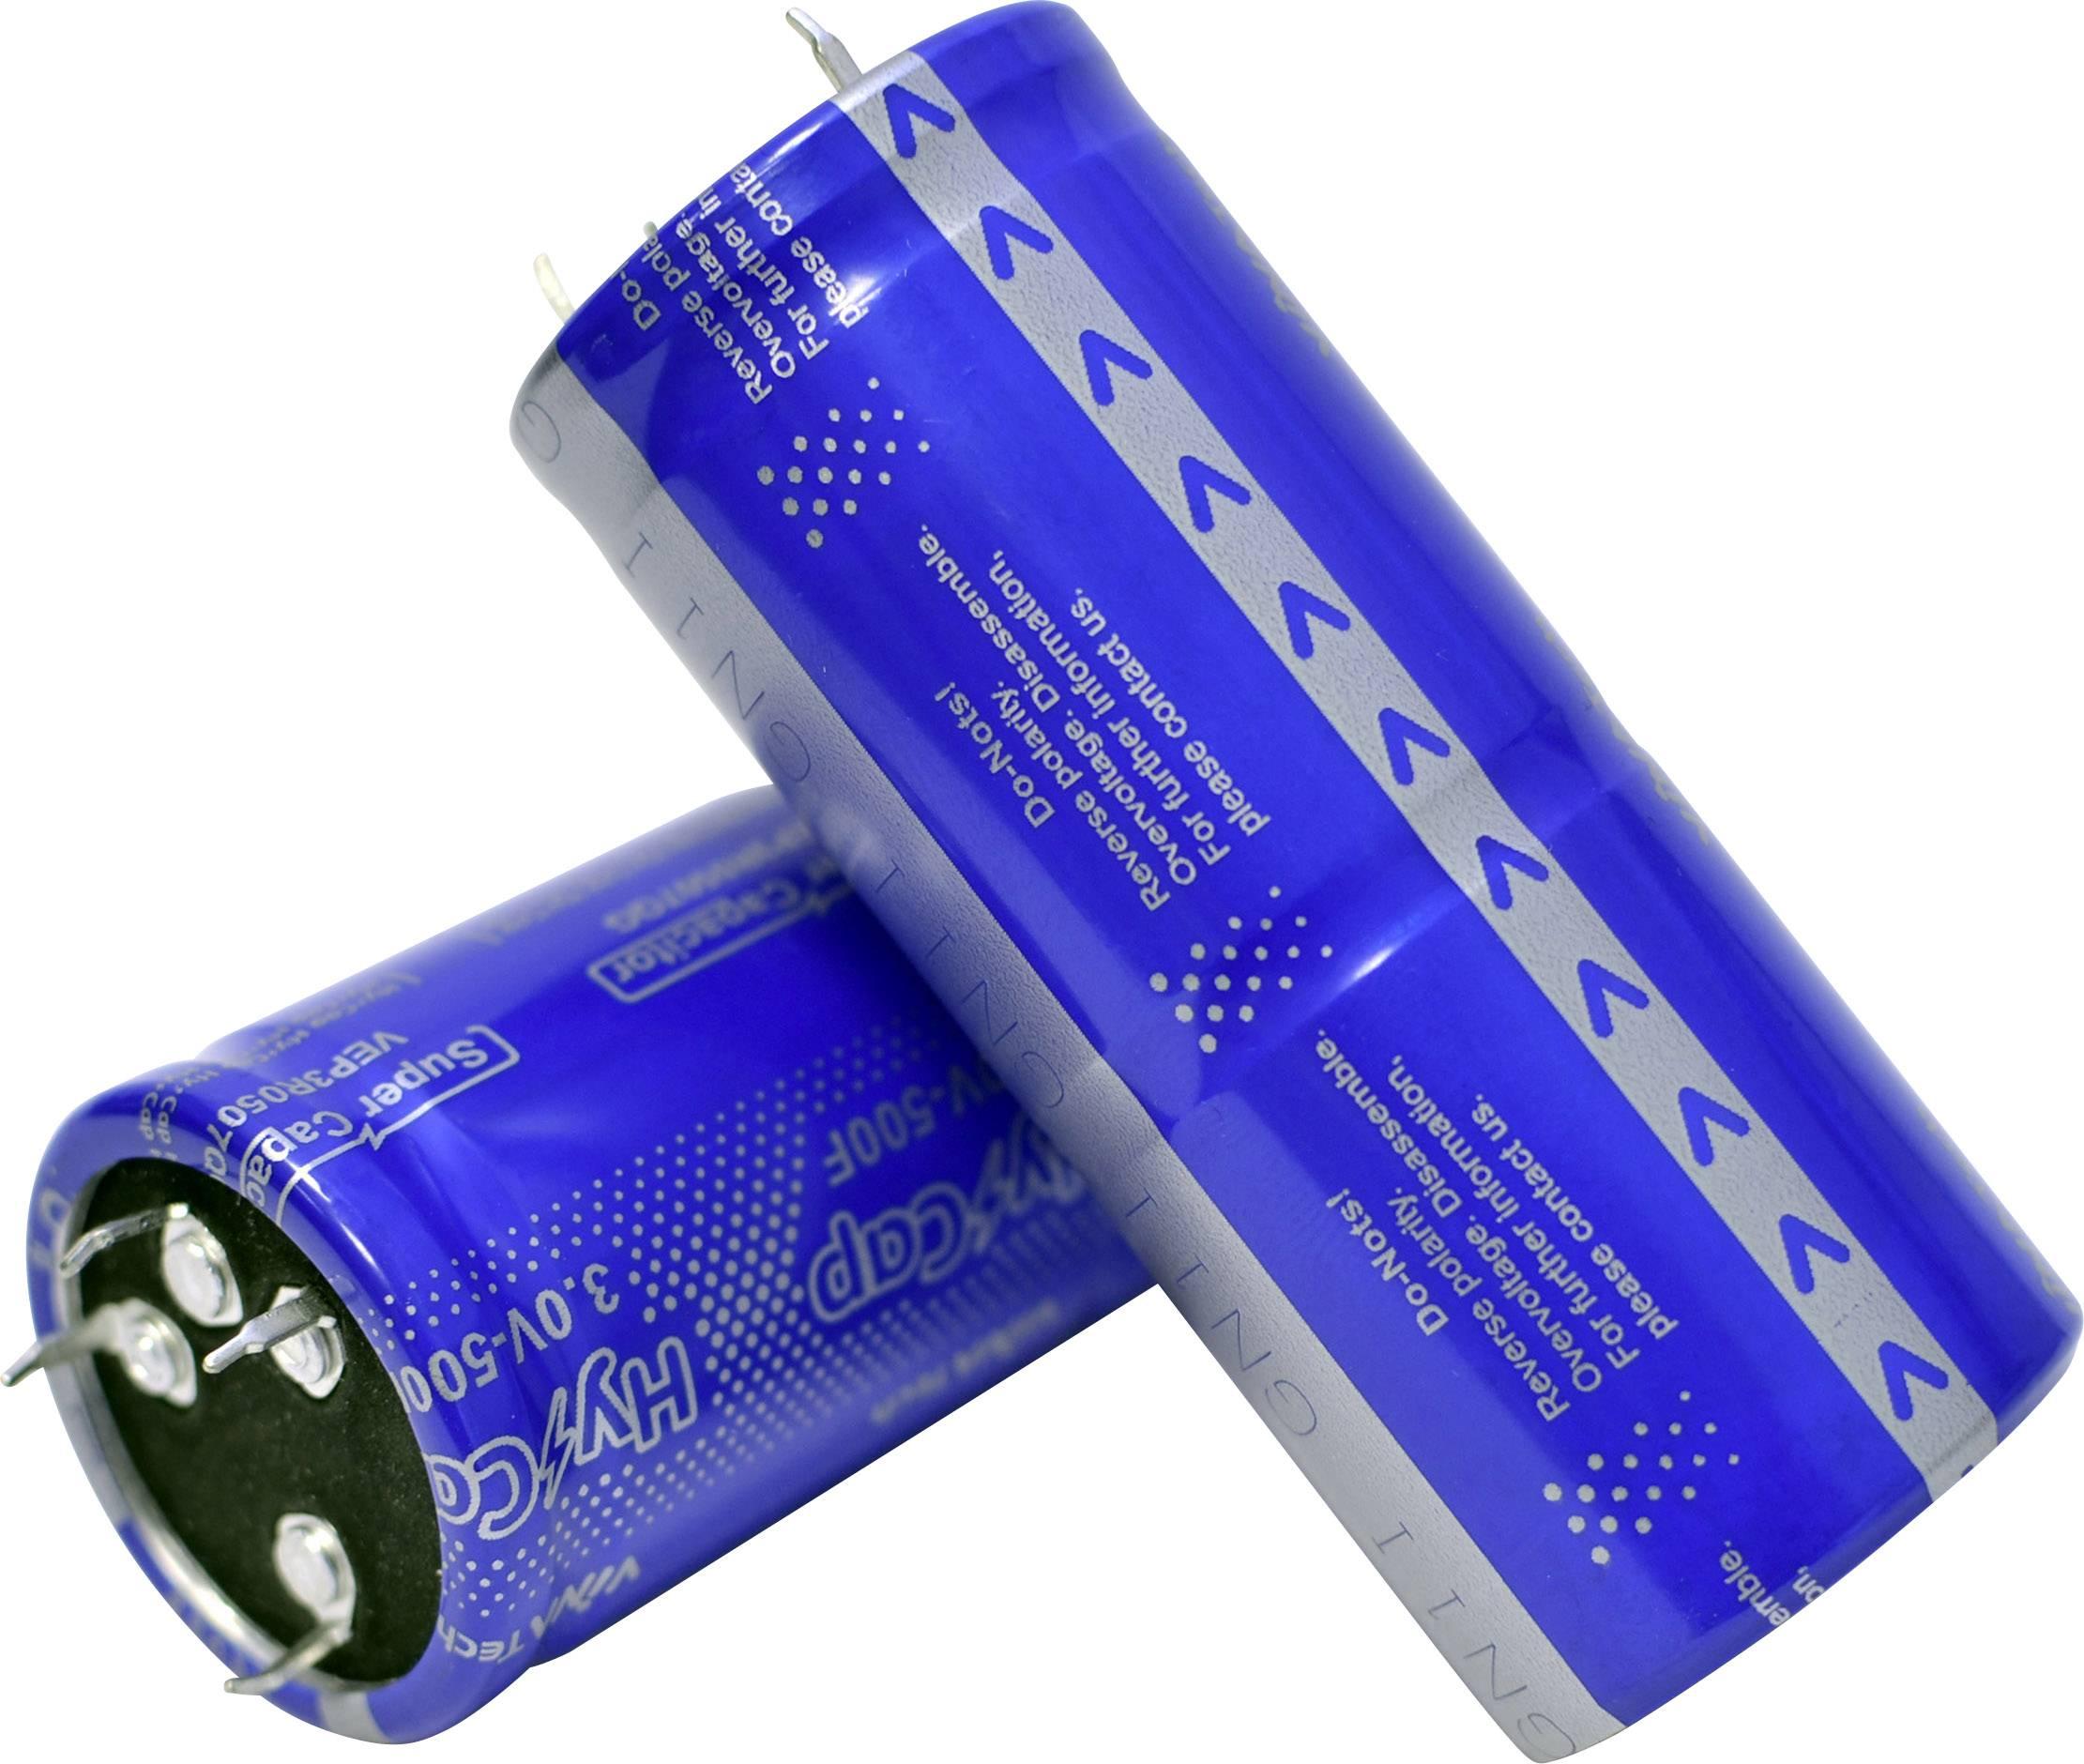 Dvouvrstvý kondenzátor VINATech VEP3R0367QG, 360 F, 3 V, (Ø x d) 35 mm x 62 mm, 1 ks